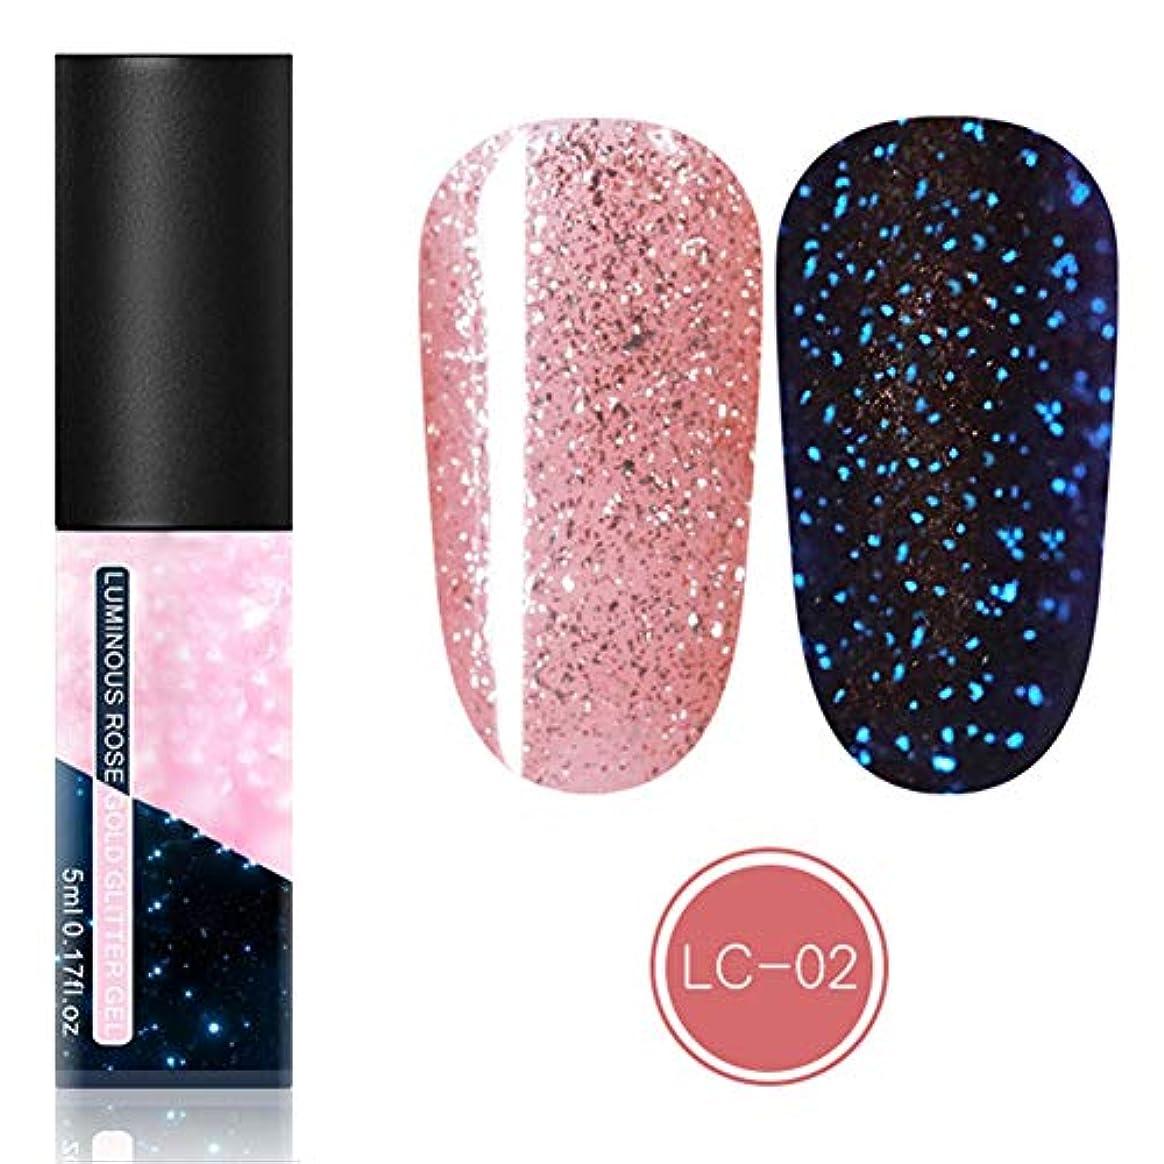 パンチ展開する通知feelingood Gel Nail Polish,Fluorescent Gel Nail Polish Glow in Dark Nail Enamel Varnish Gel Manicure Supply